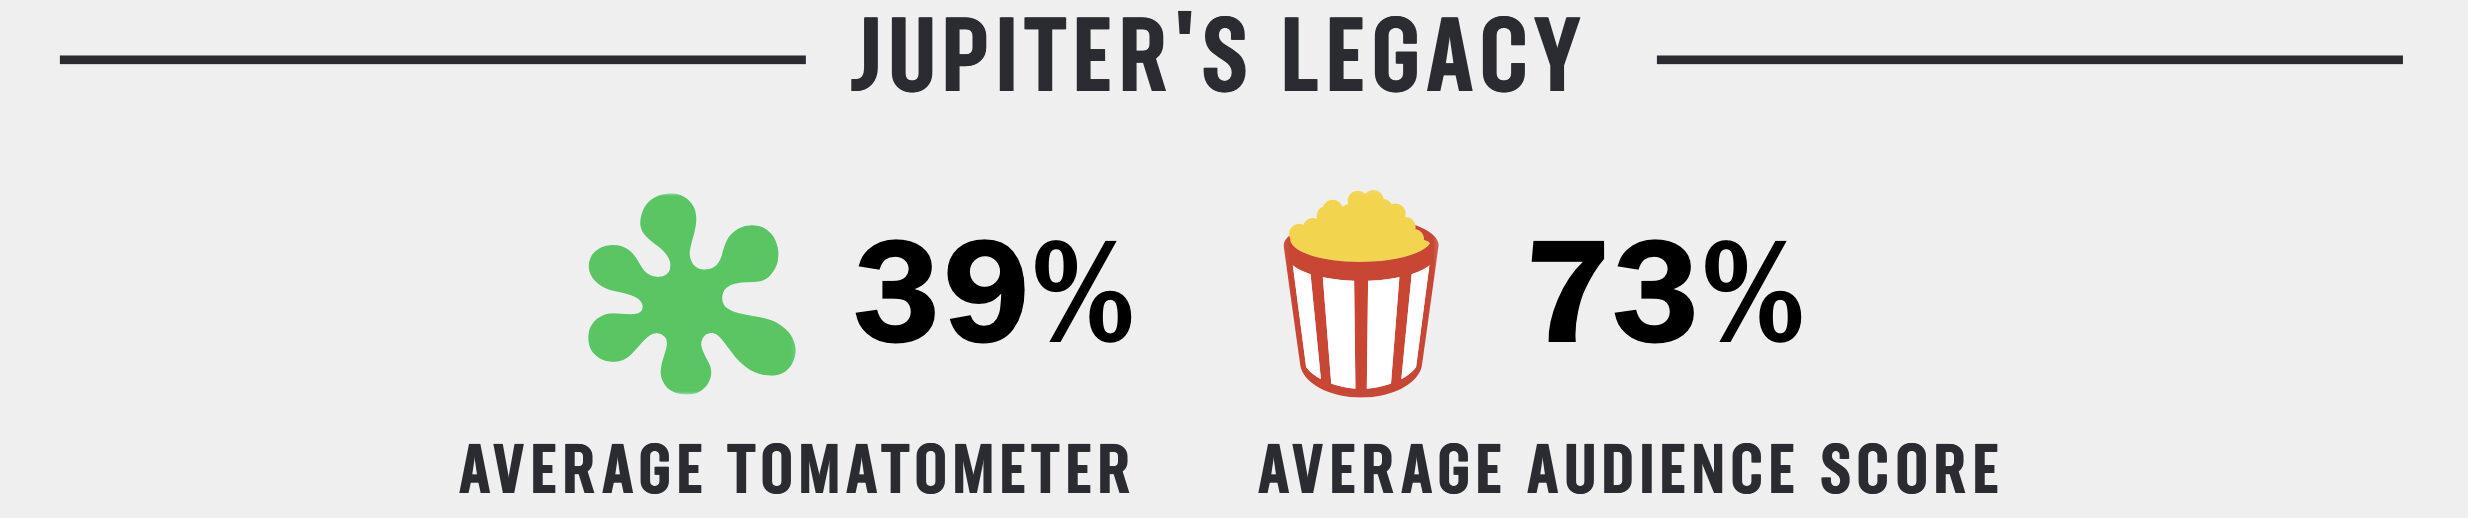 La differenza di giudizio tra critica e pubblico su Jupiter's Legacy